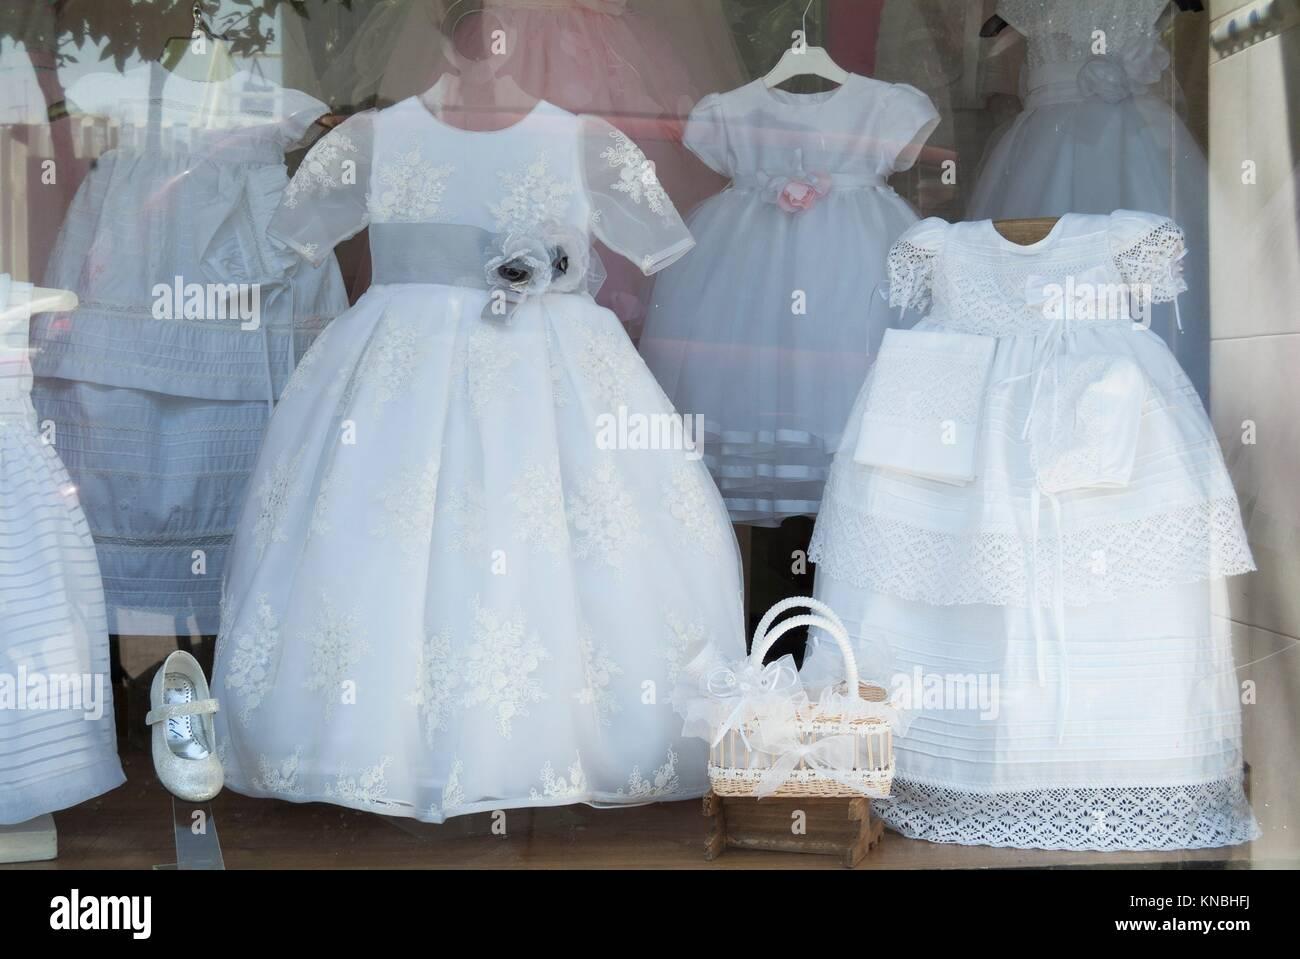 Dresses Shop Window Stock Photos & Dresses Shop Window Stock Images ...